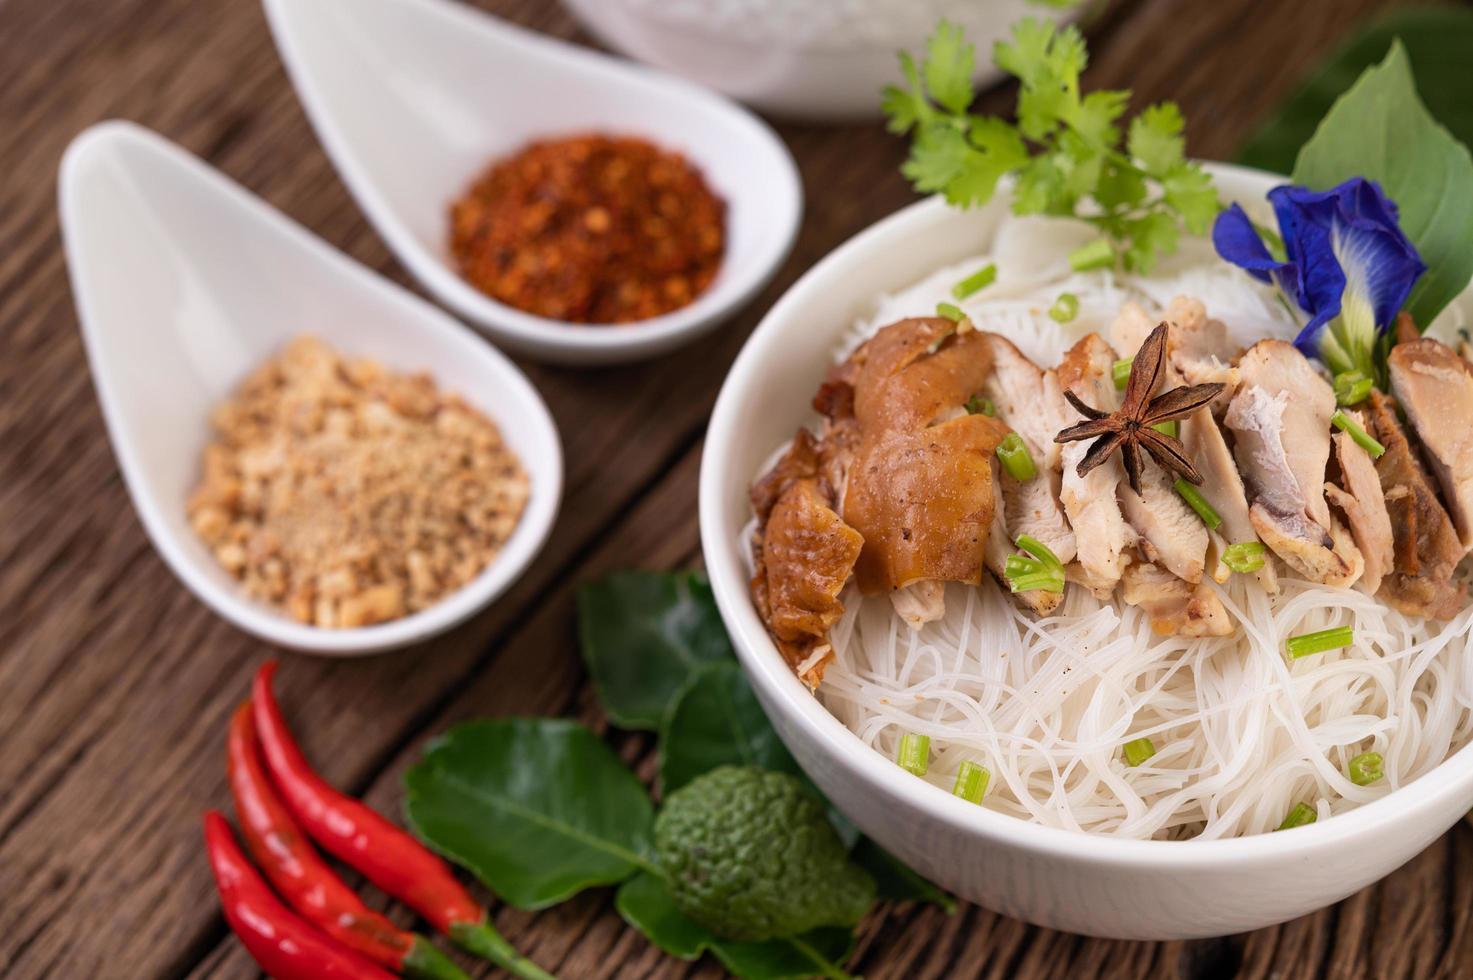 kyckling och nudlar i en skål med sidrätter foto